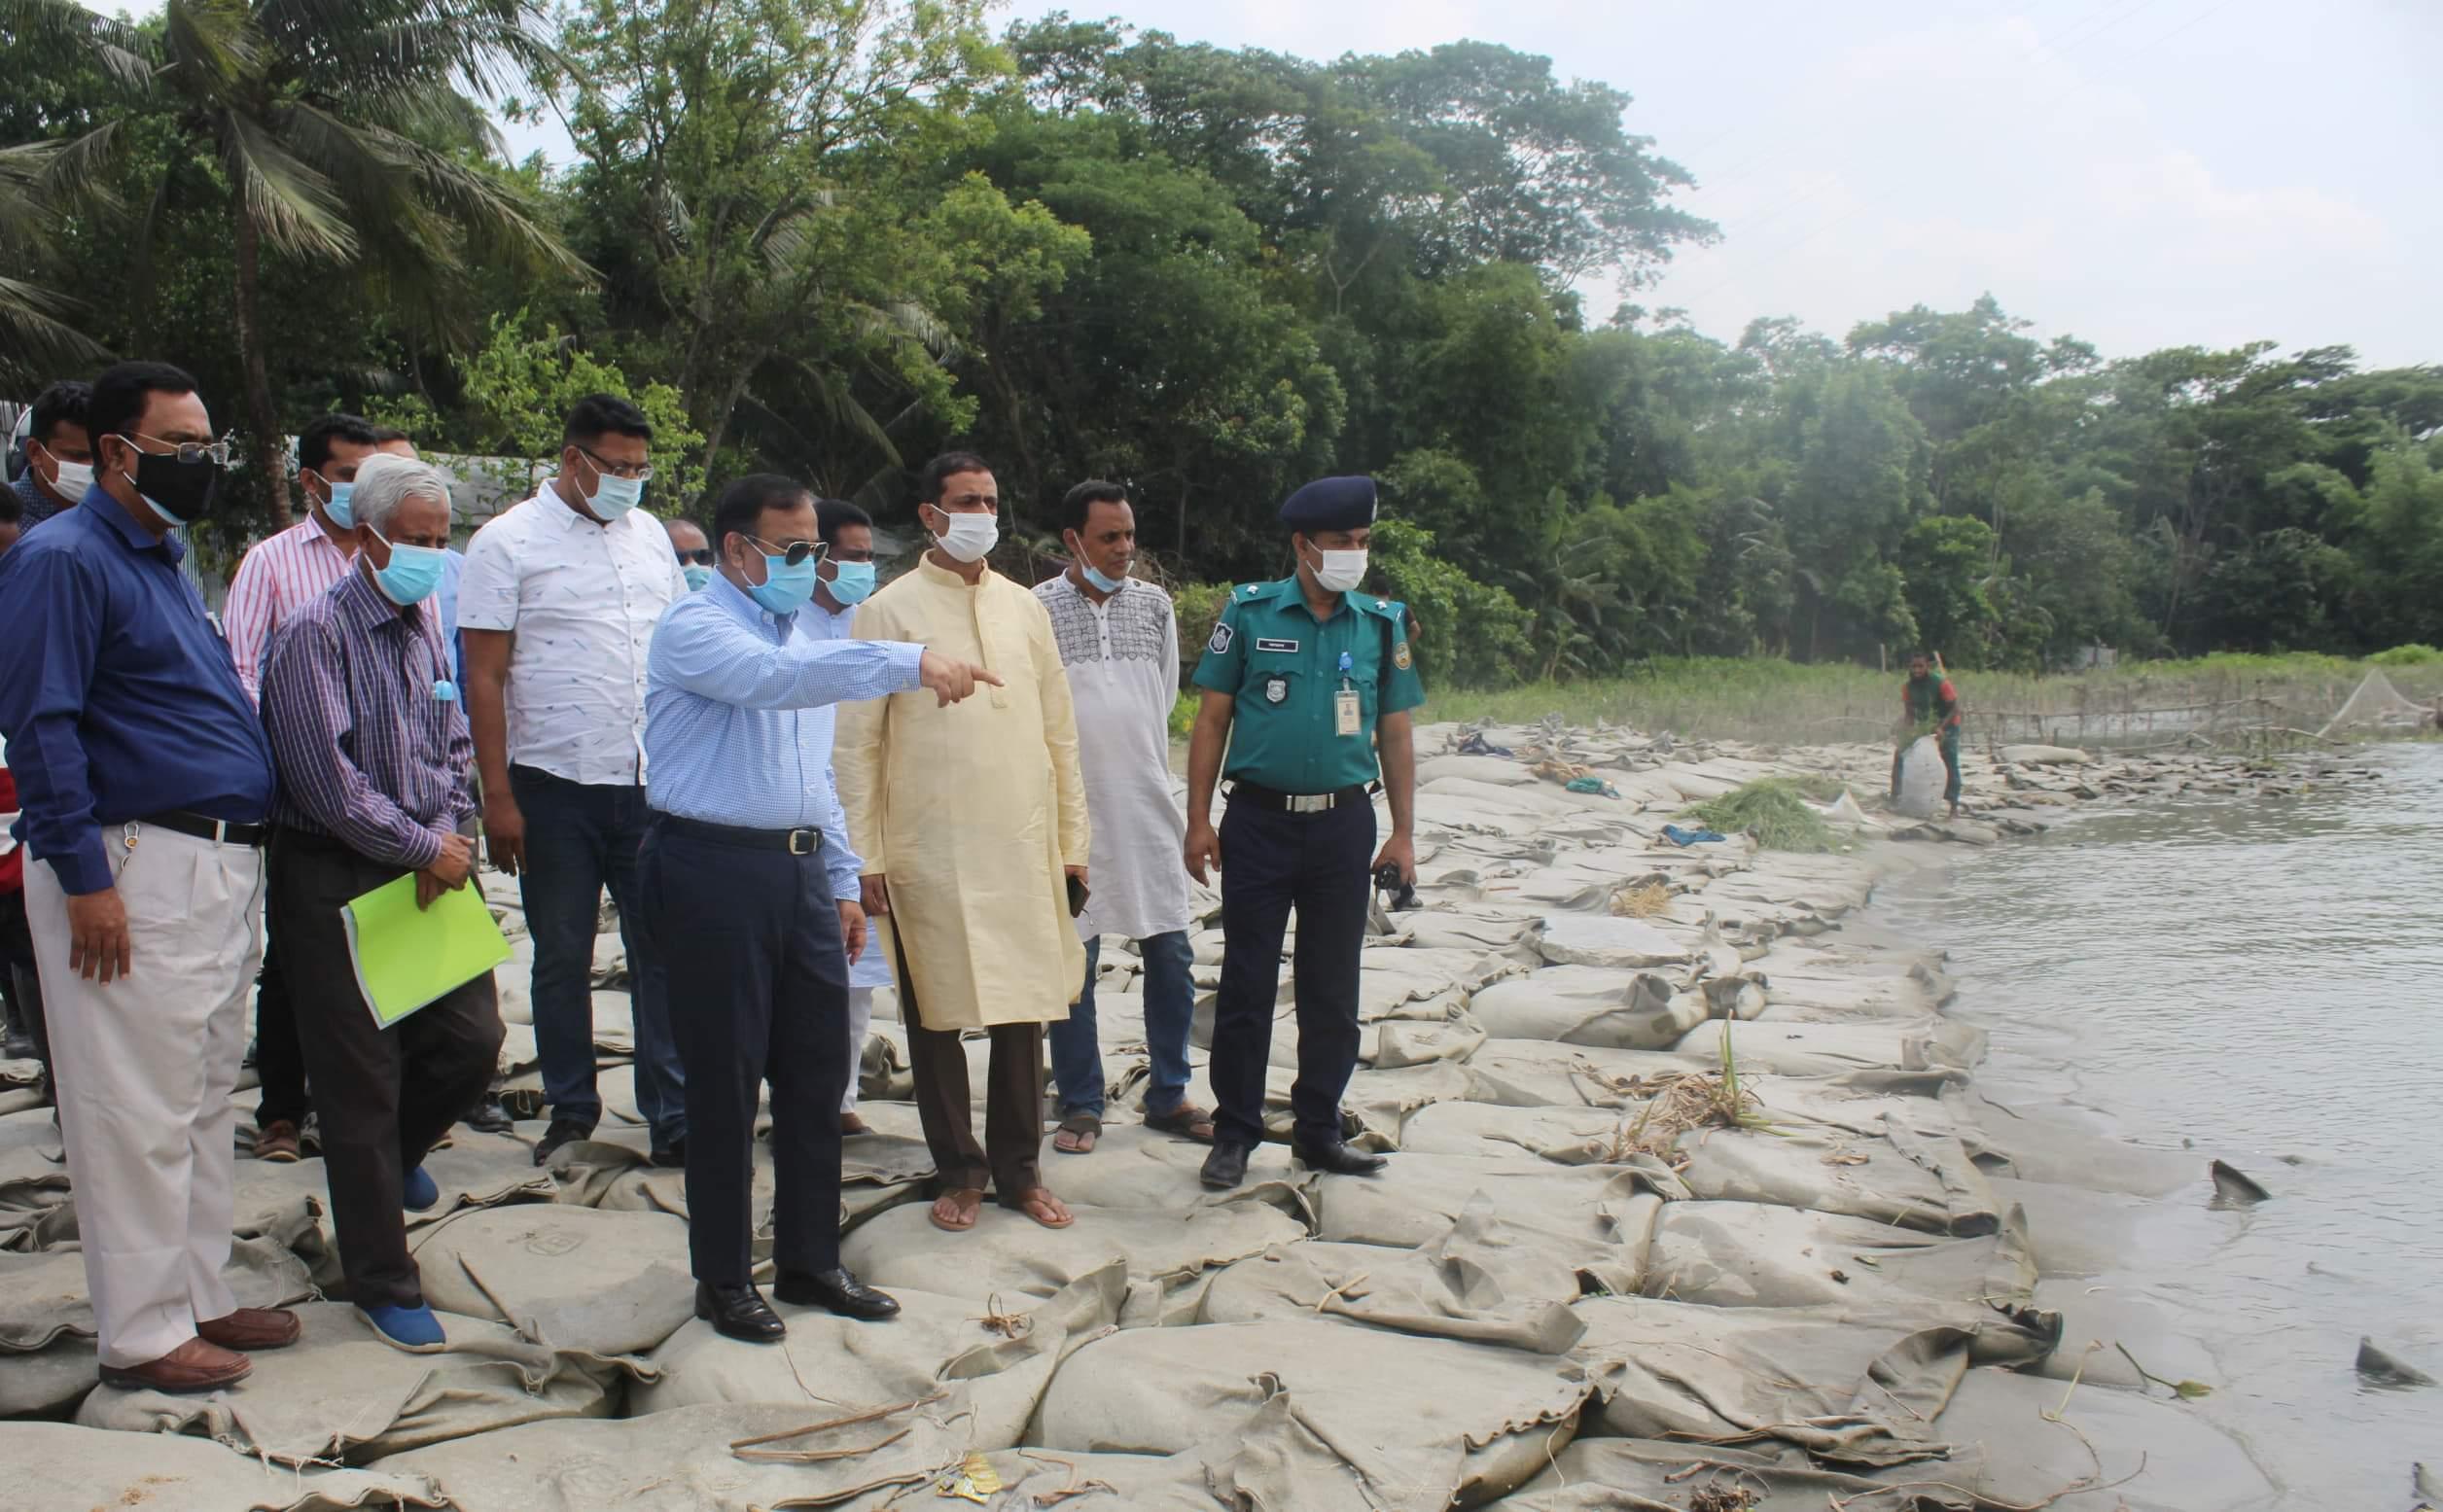 সুগন্ধা নদীর ভাঙ্গন প্রতিরোধে চলমান প্রকল্প পরিদর্শন করলেন পানিসম্পদ প্রতিমন্ত্রী